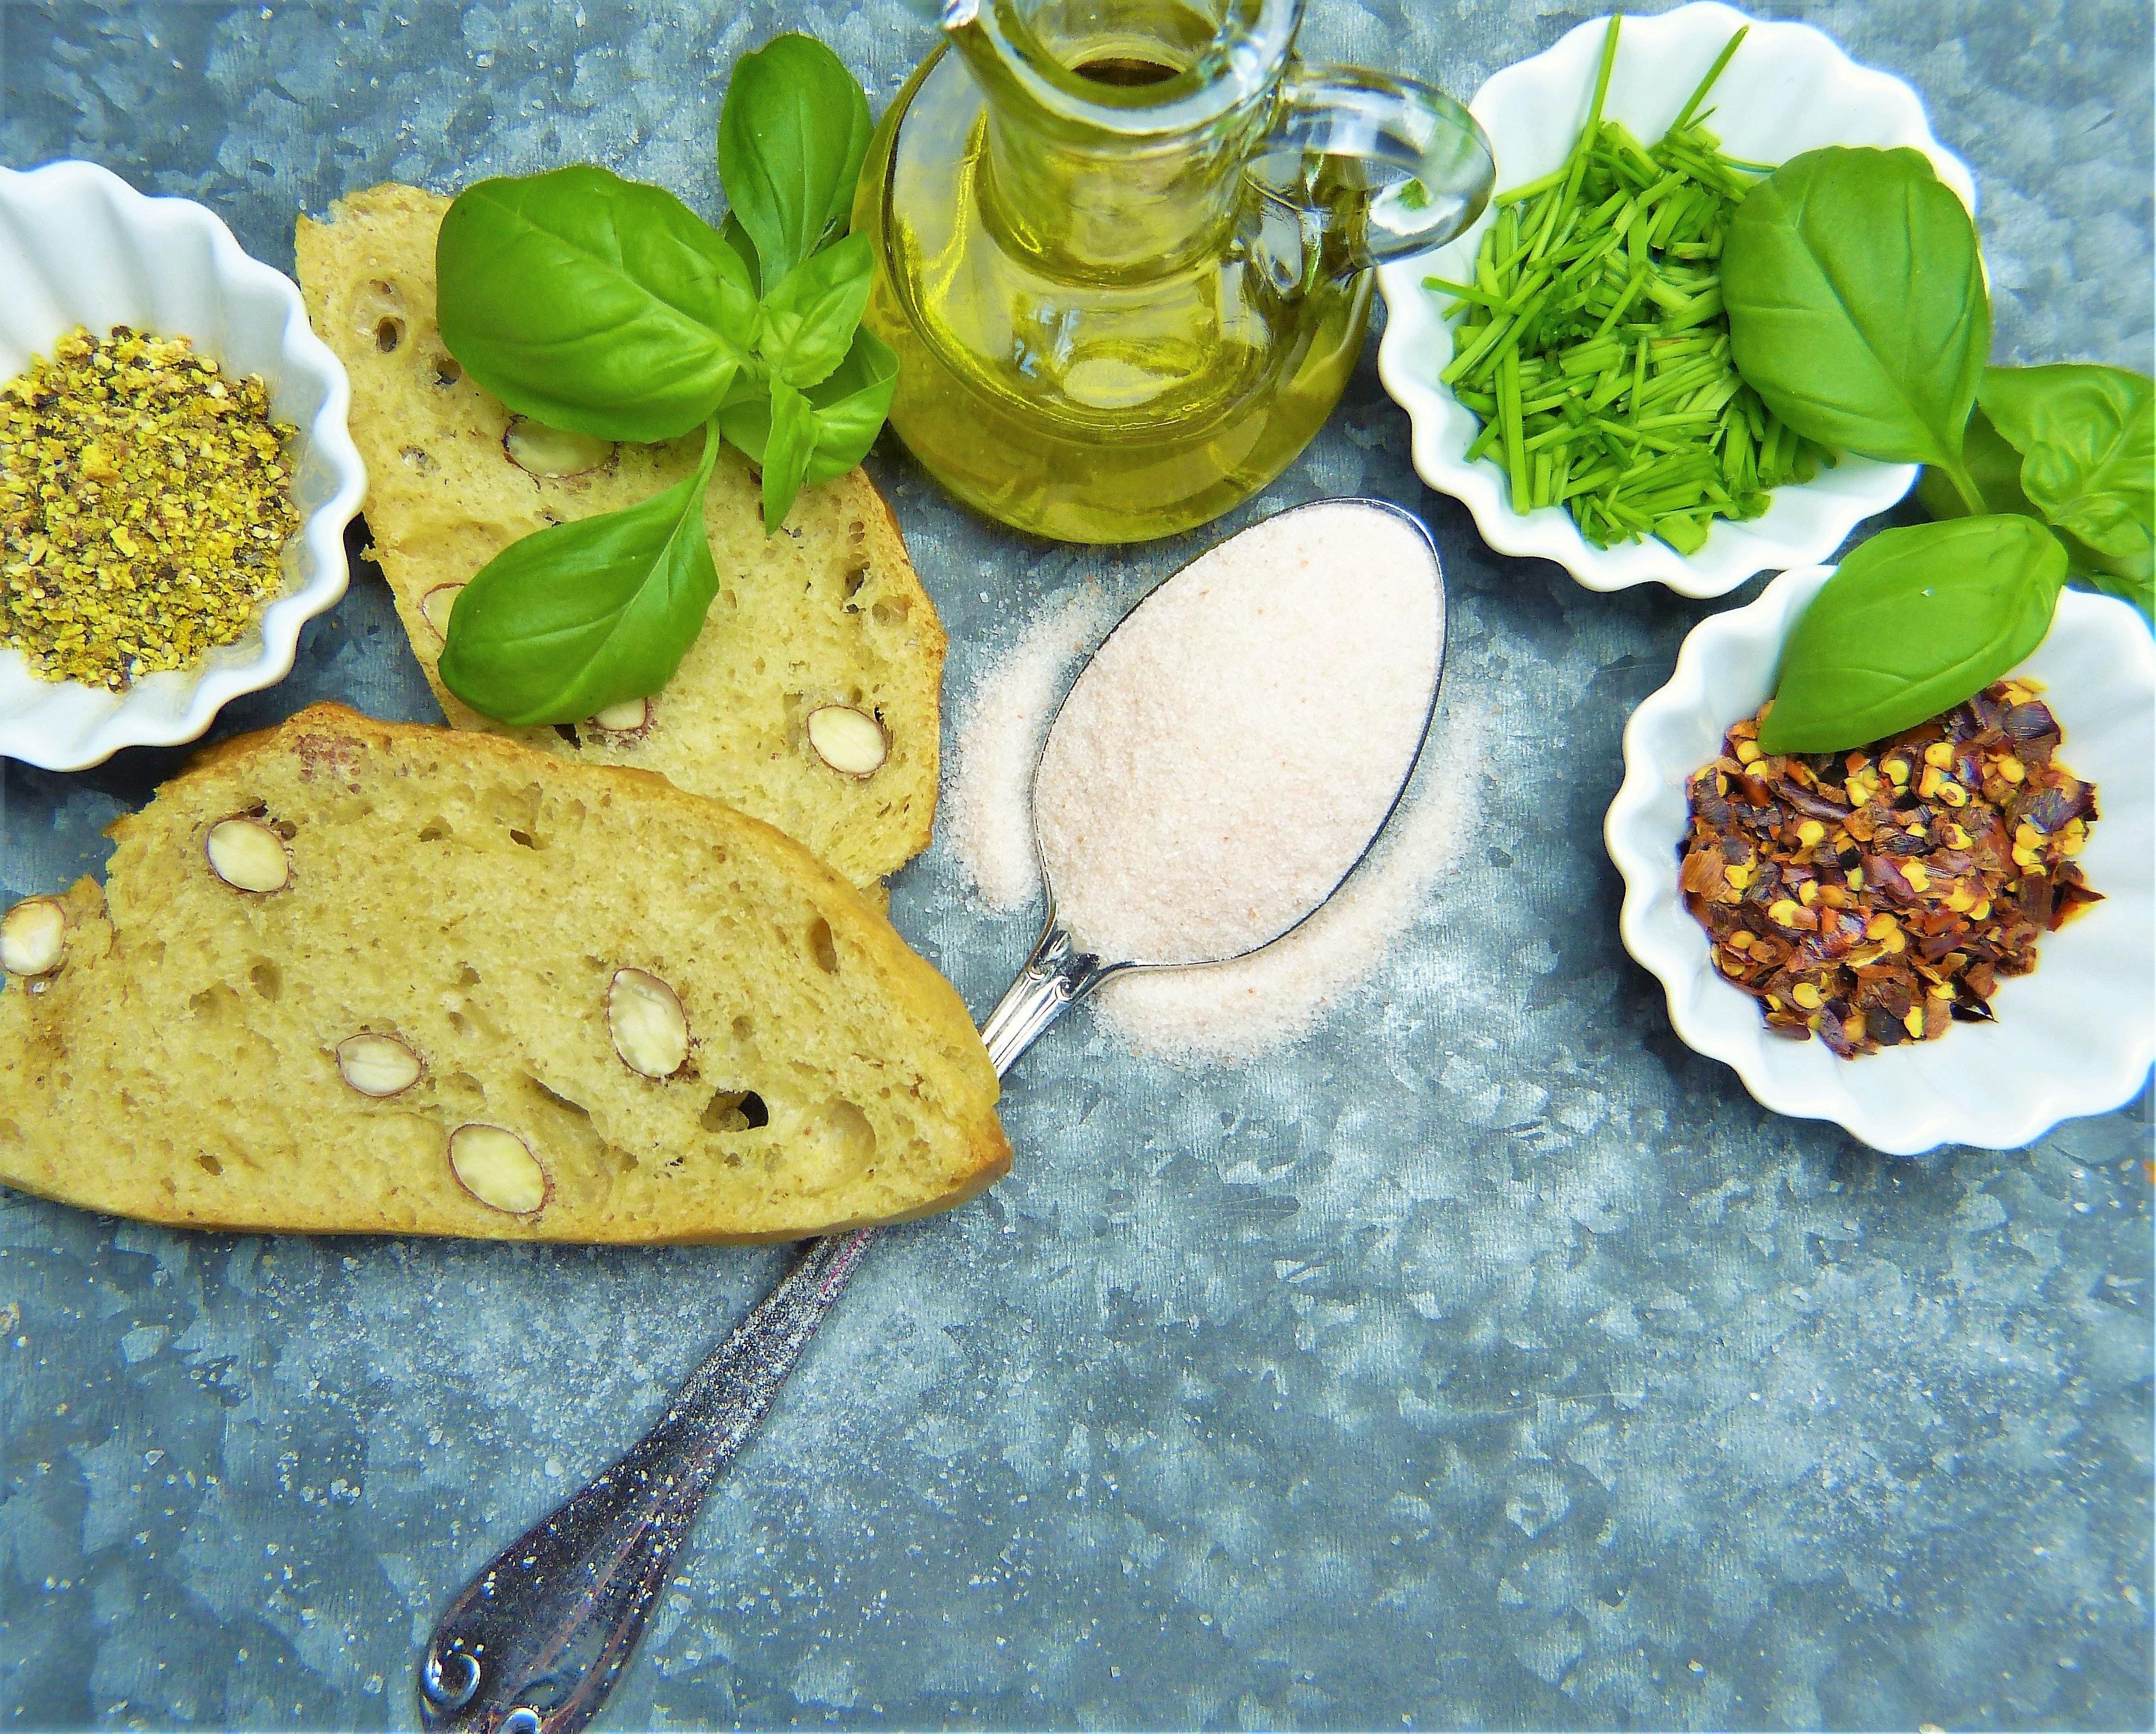 Солта<br /> На по-мазните храни се слага малко повече сол, за да се разкрие по-добре вкуса.